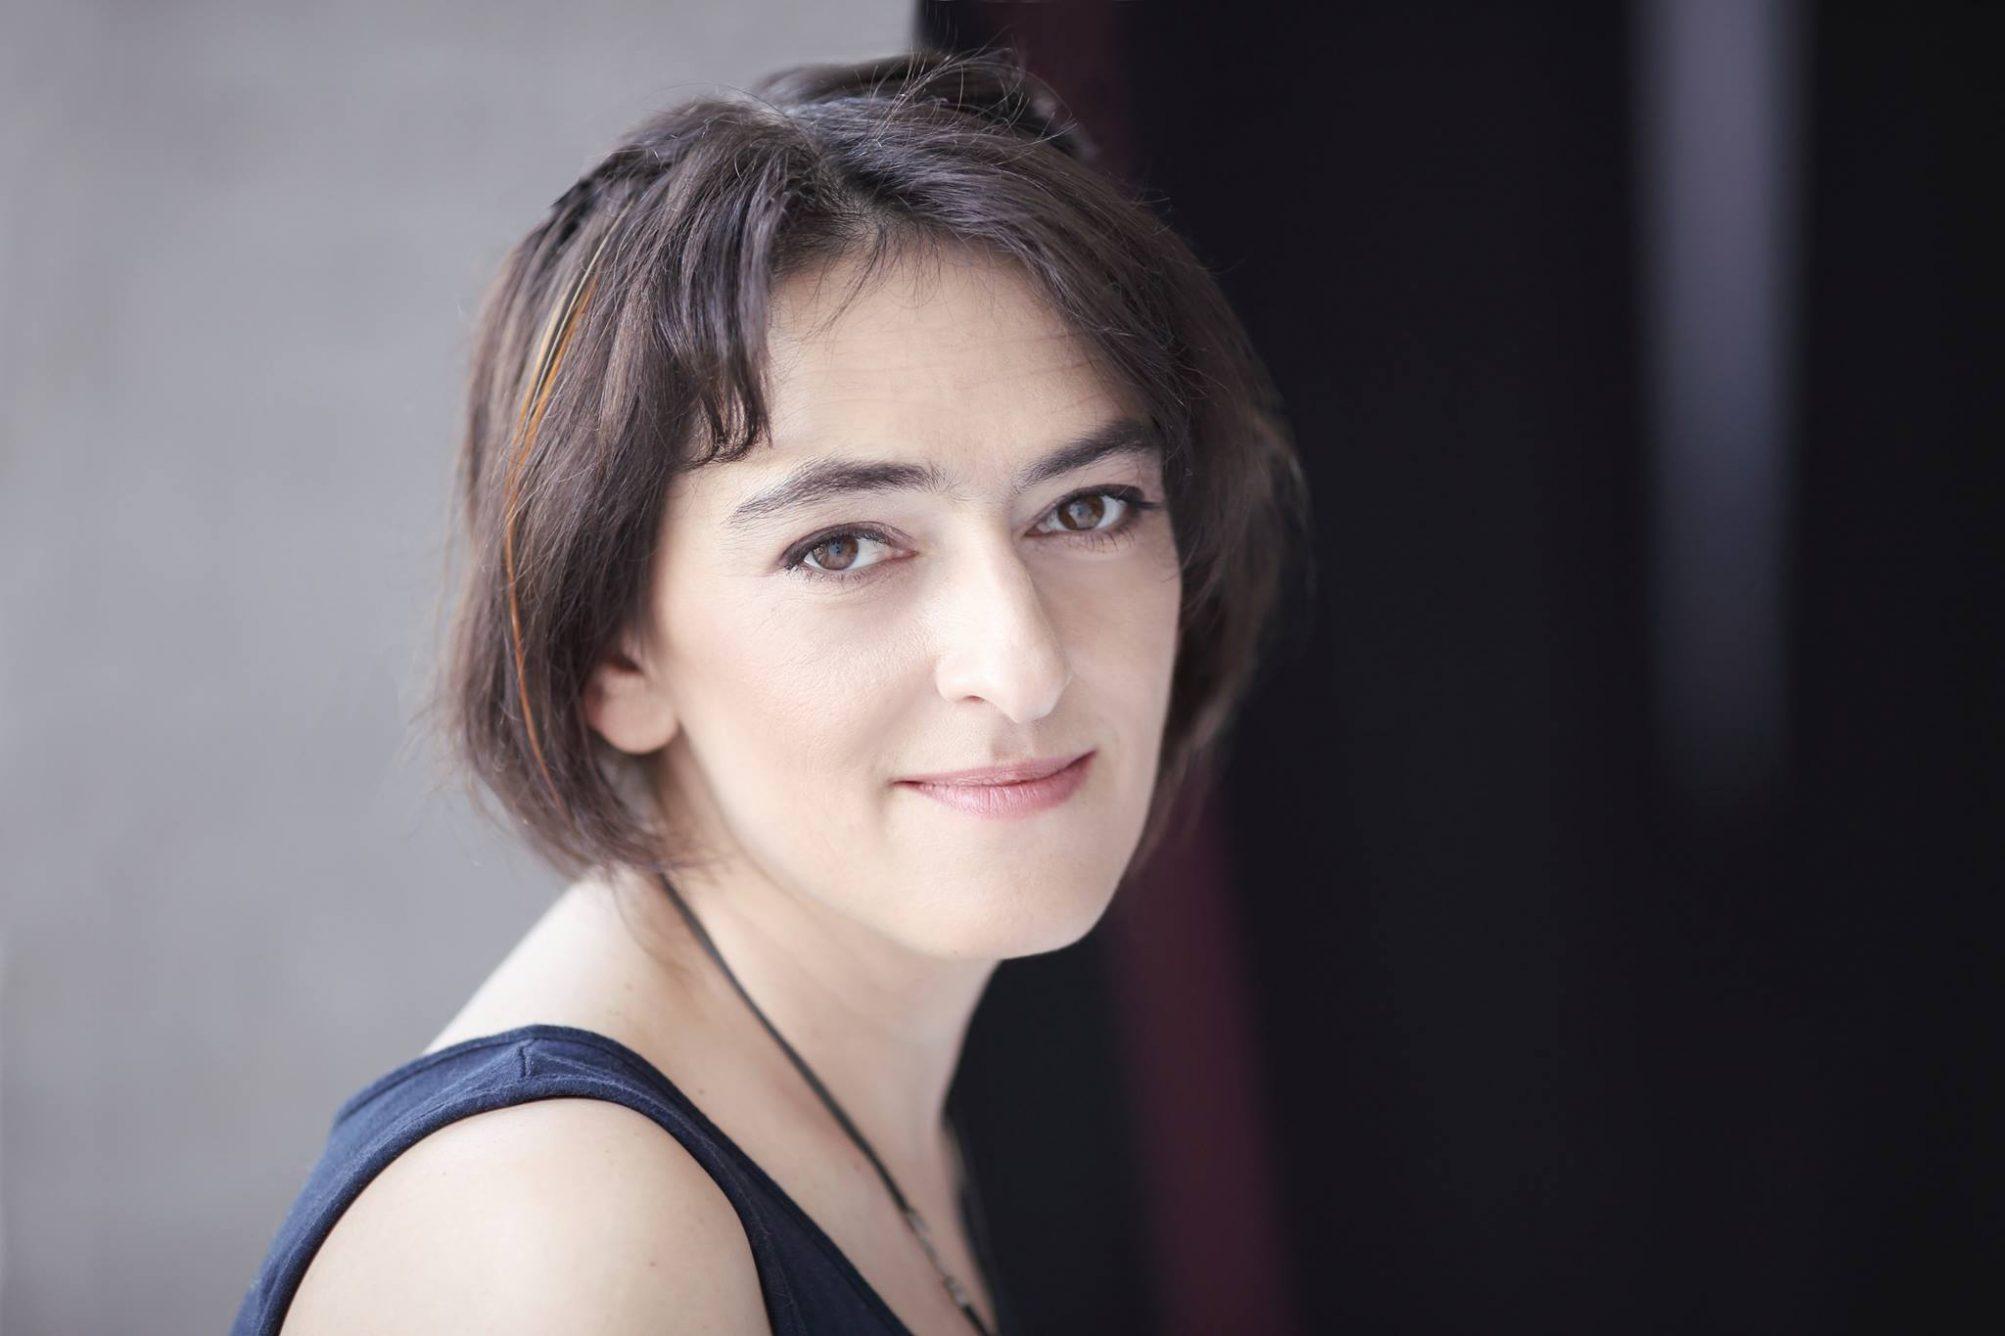 Jazz in RussiaIntervista a Natalya Skvortsova